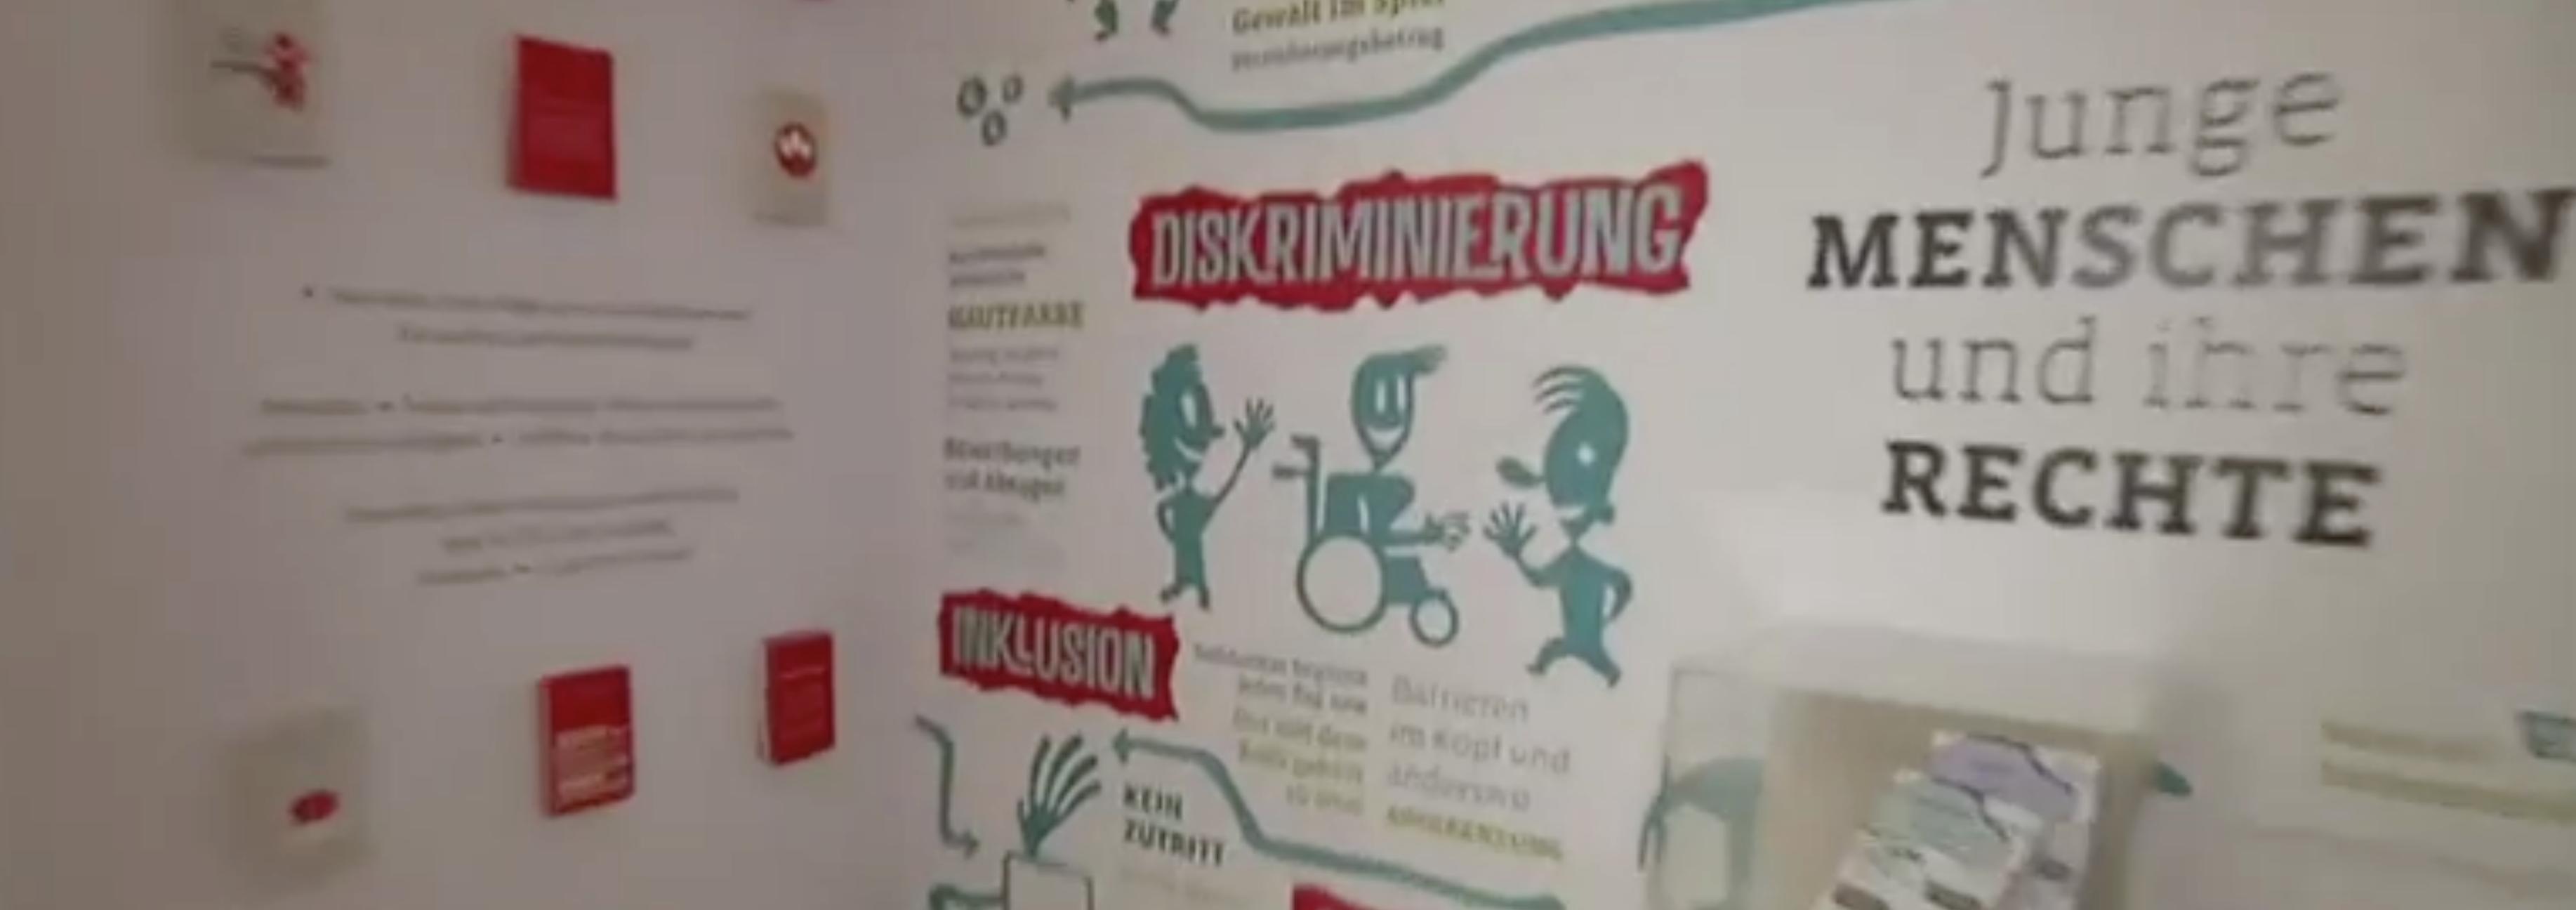 ORF ZIB-Beitrag vom 18. Juni 2015